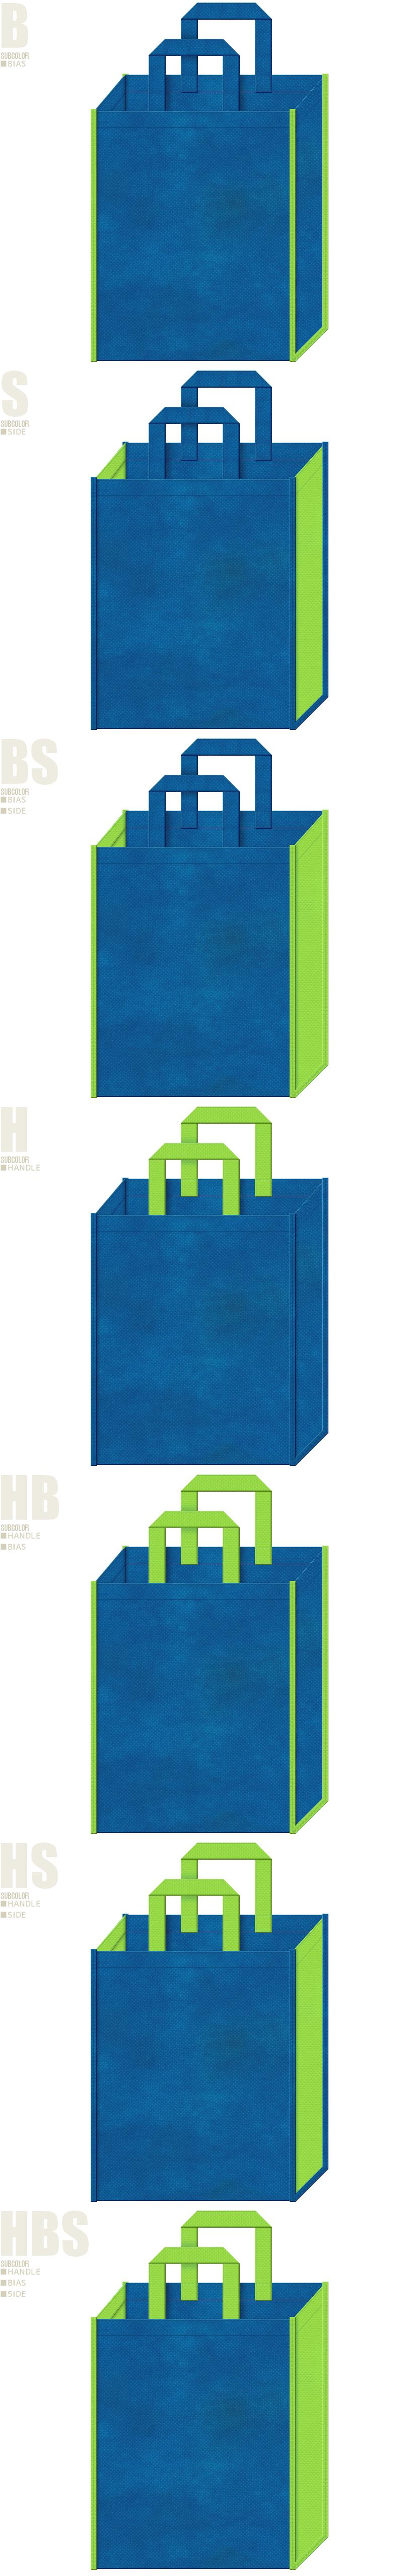 ユニフォーム・運動靴・アウトドア・サイクリング・ロードレース・スポーツイベント・ロールプレイングゲームの展示会用バッグにお奨めの不織布バッグデザイン:青色と黄緑色の配色7パターン